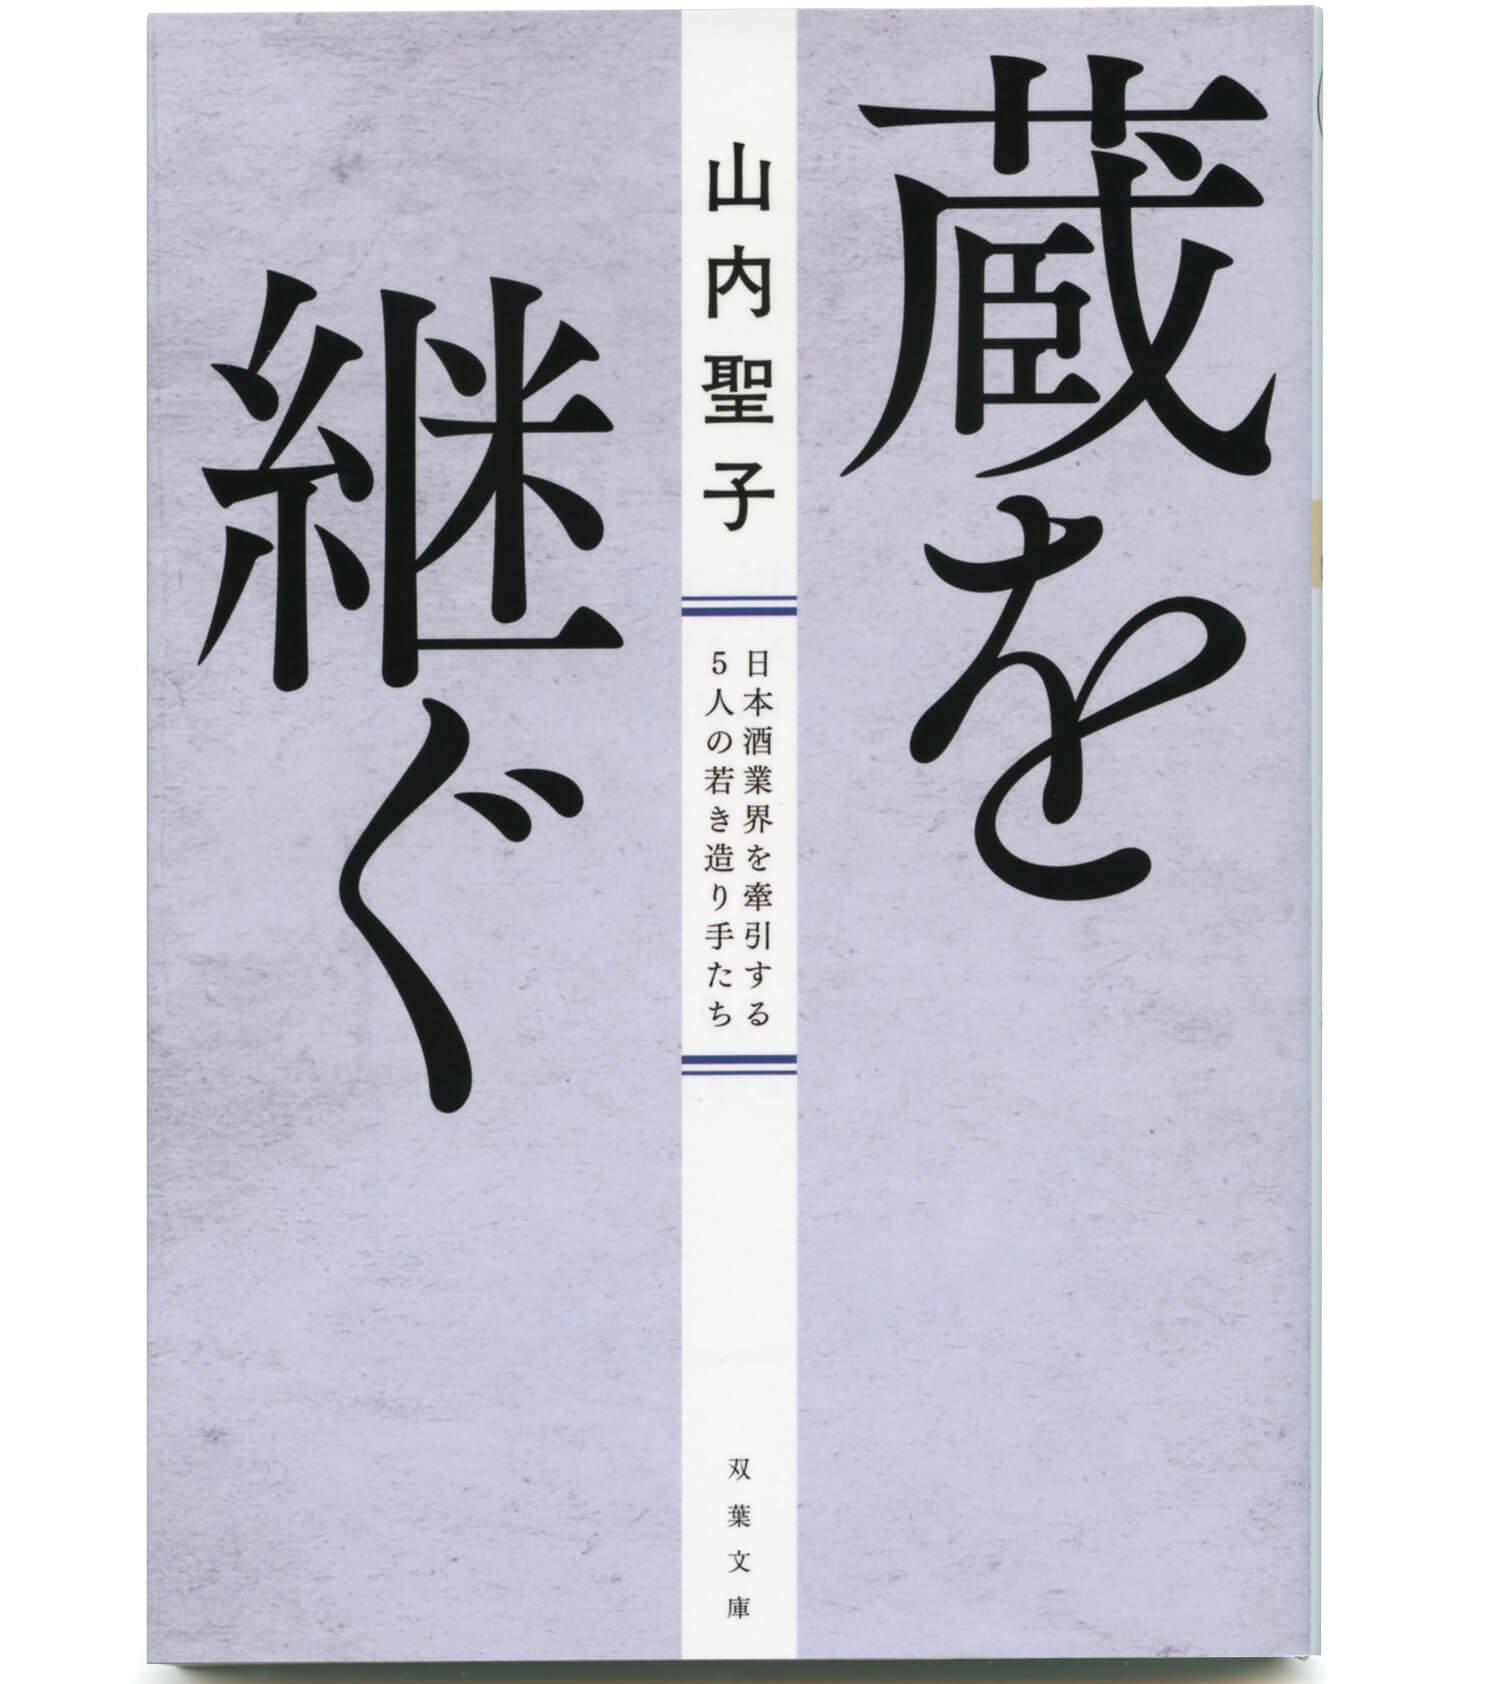 山内聖子 著/ 双葉文庫/ 682円+税